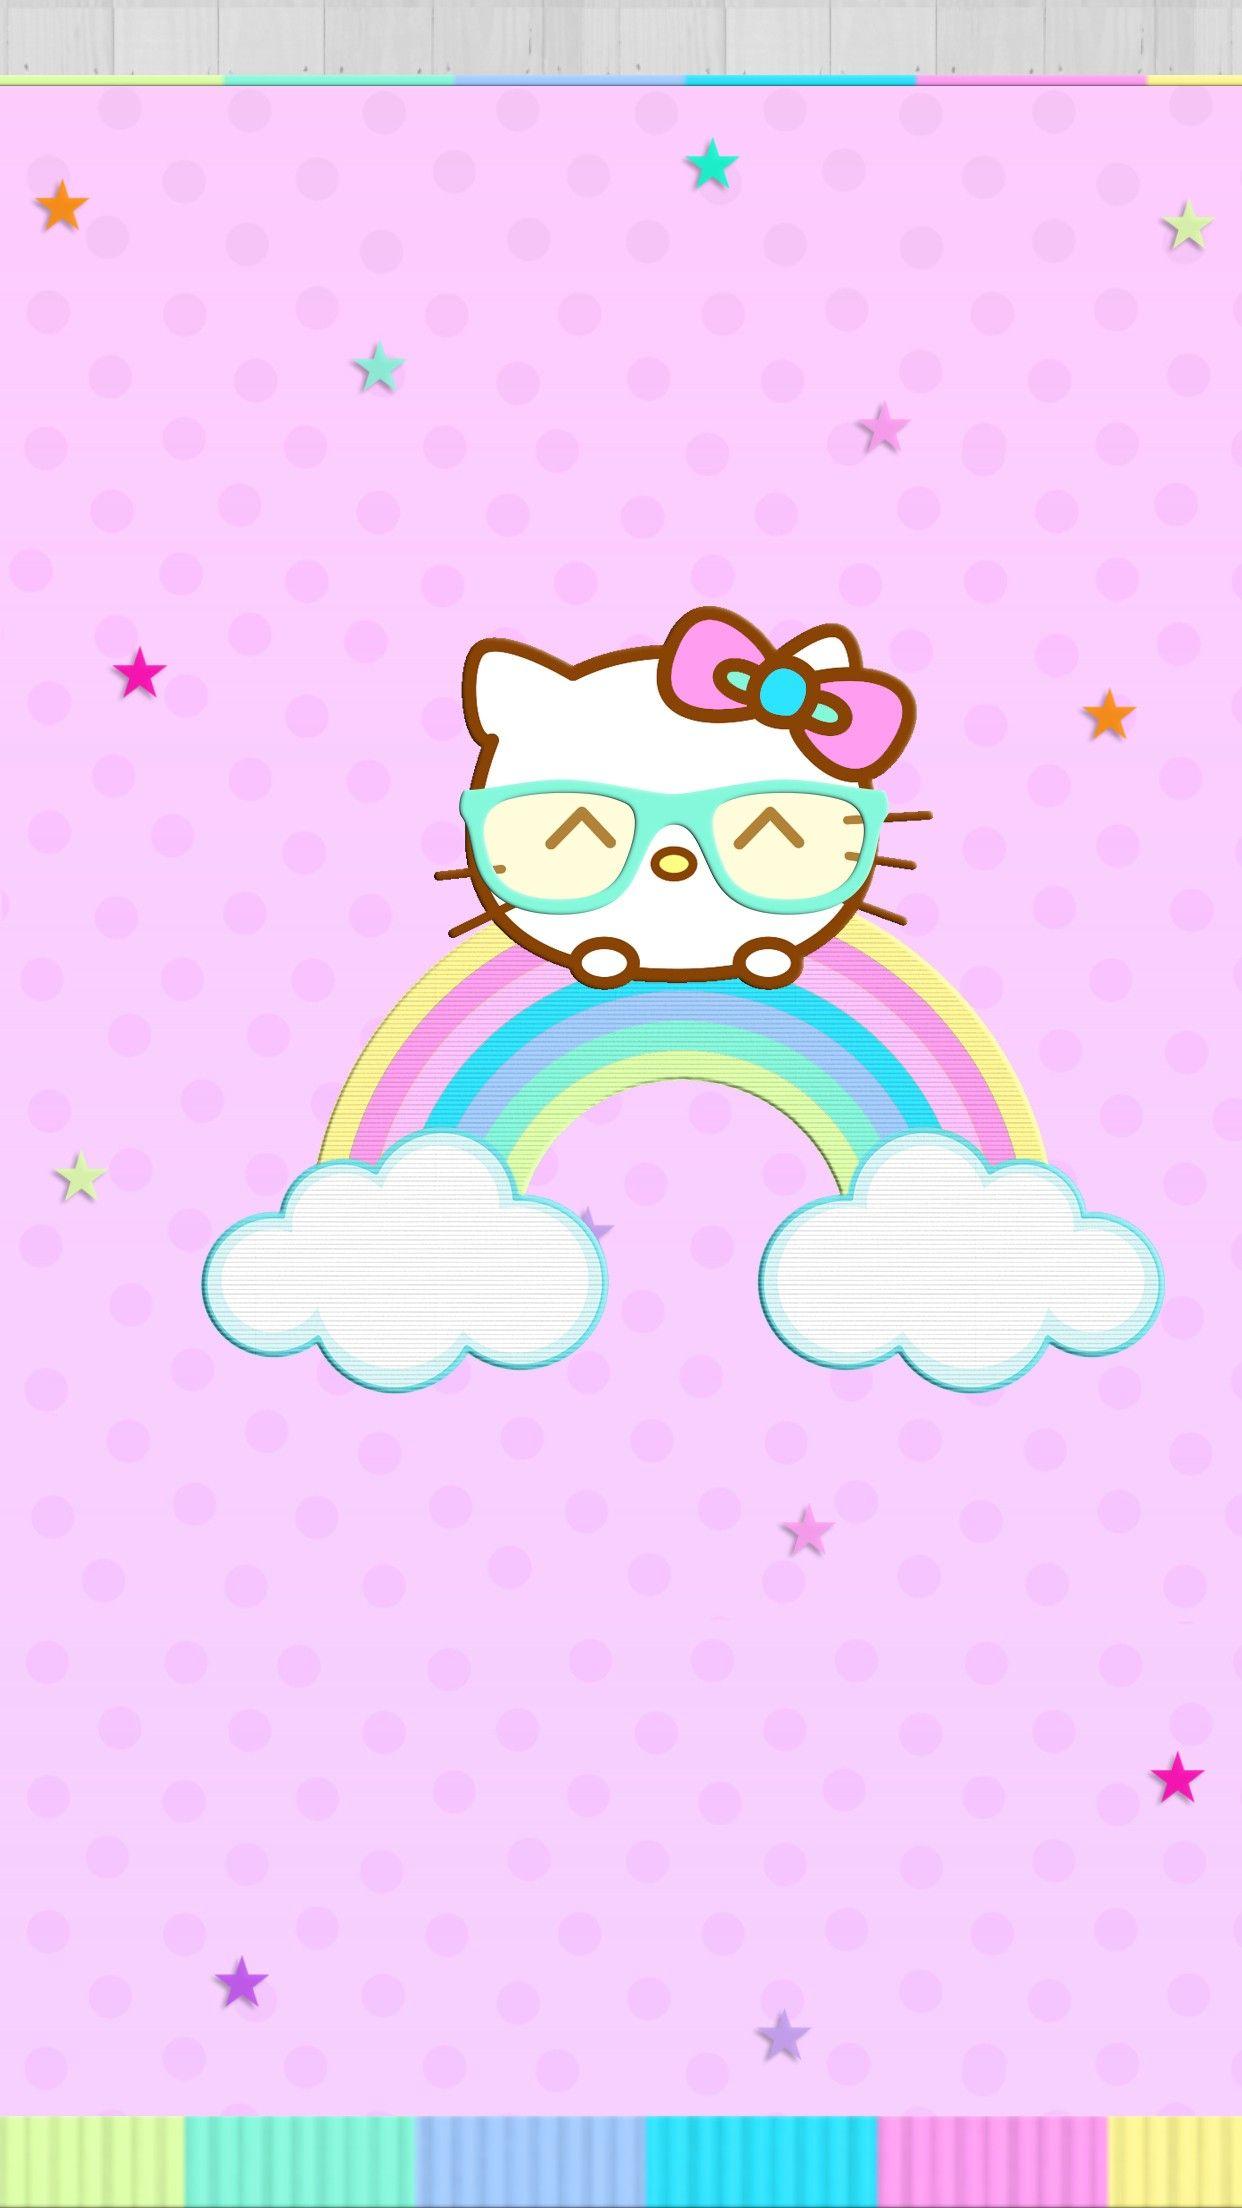 Pin By Kristinaallure On Beautiful Hello Kitty Backgrounds Hello Kitty Pictures Hello Kitty Wallpaper